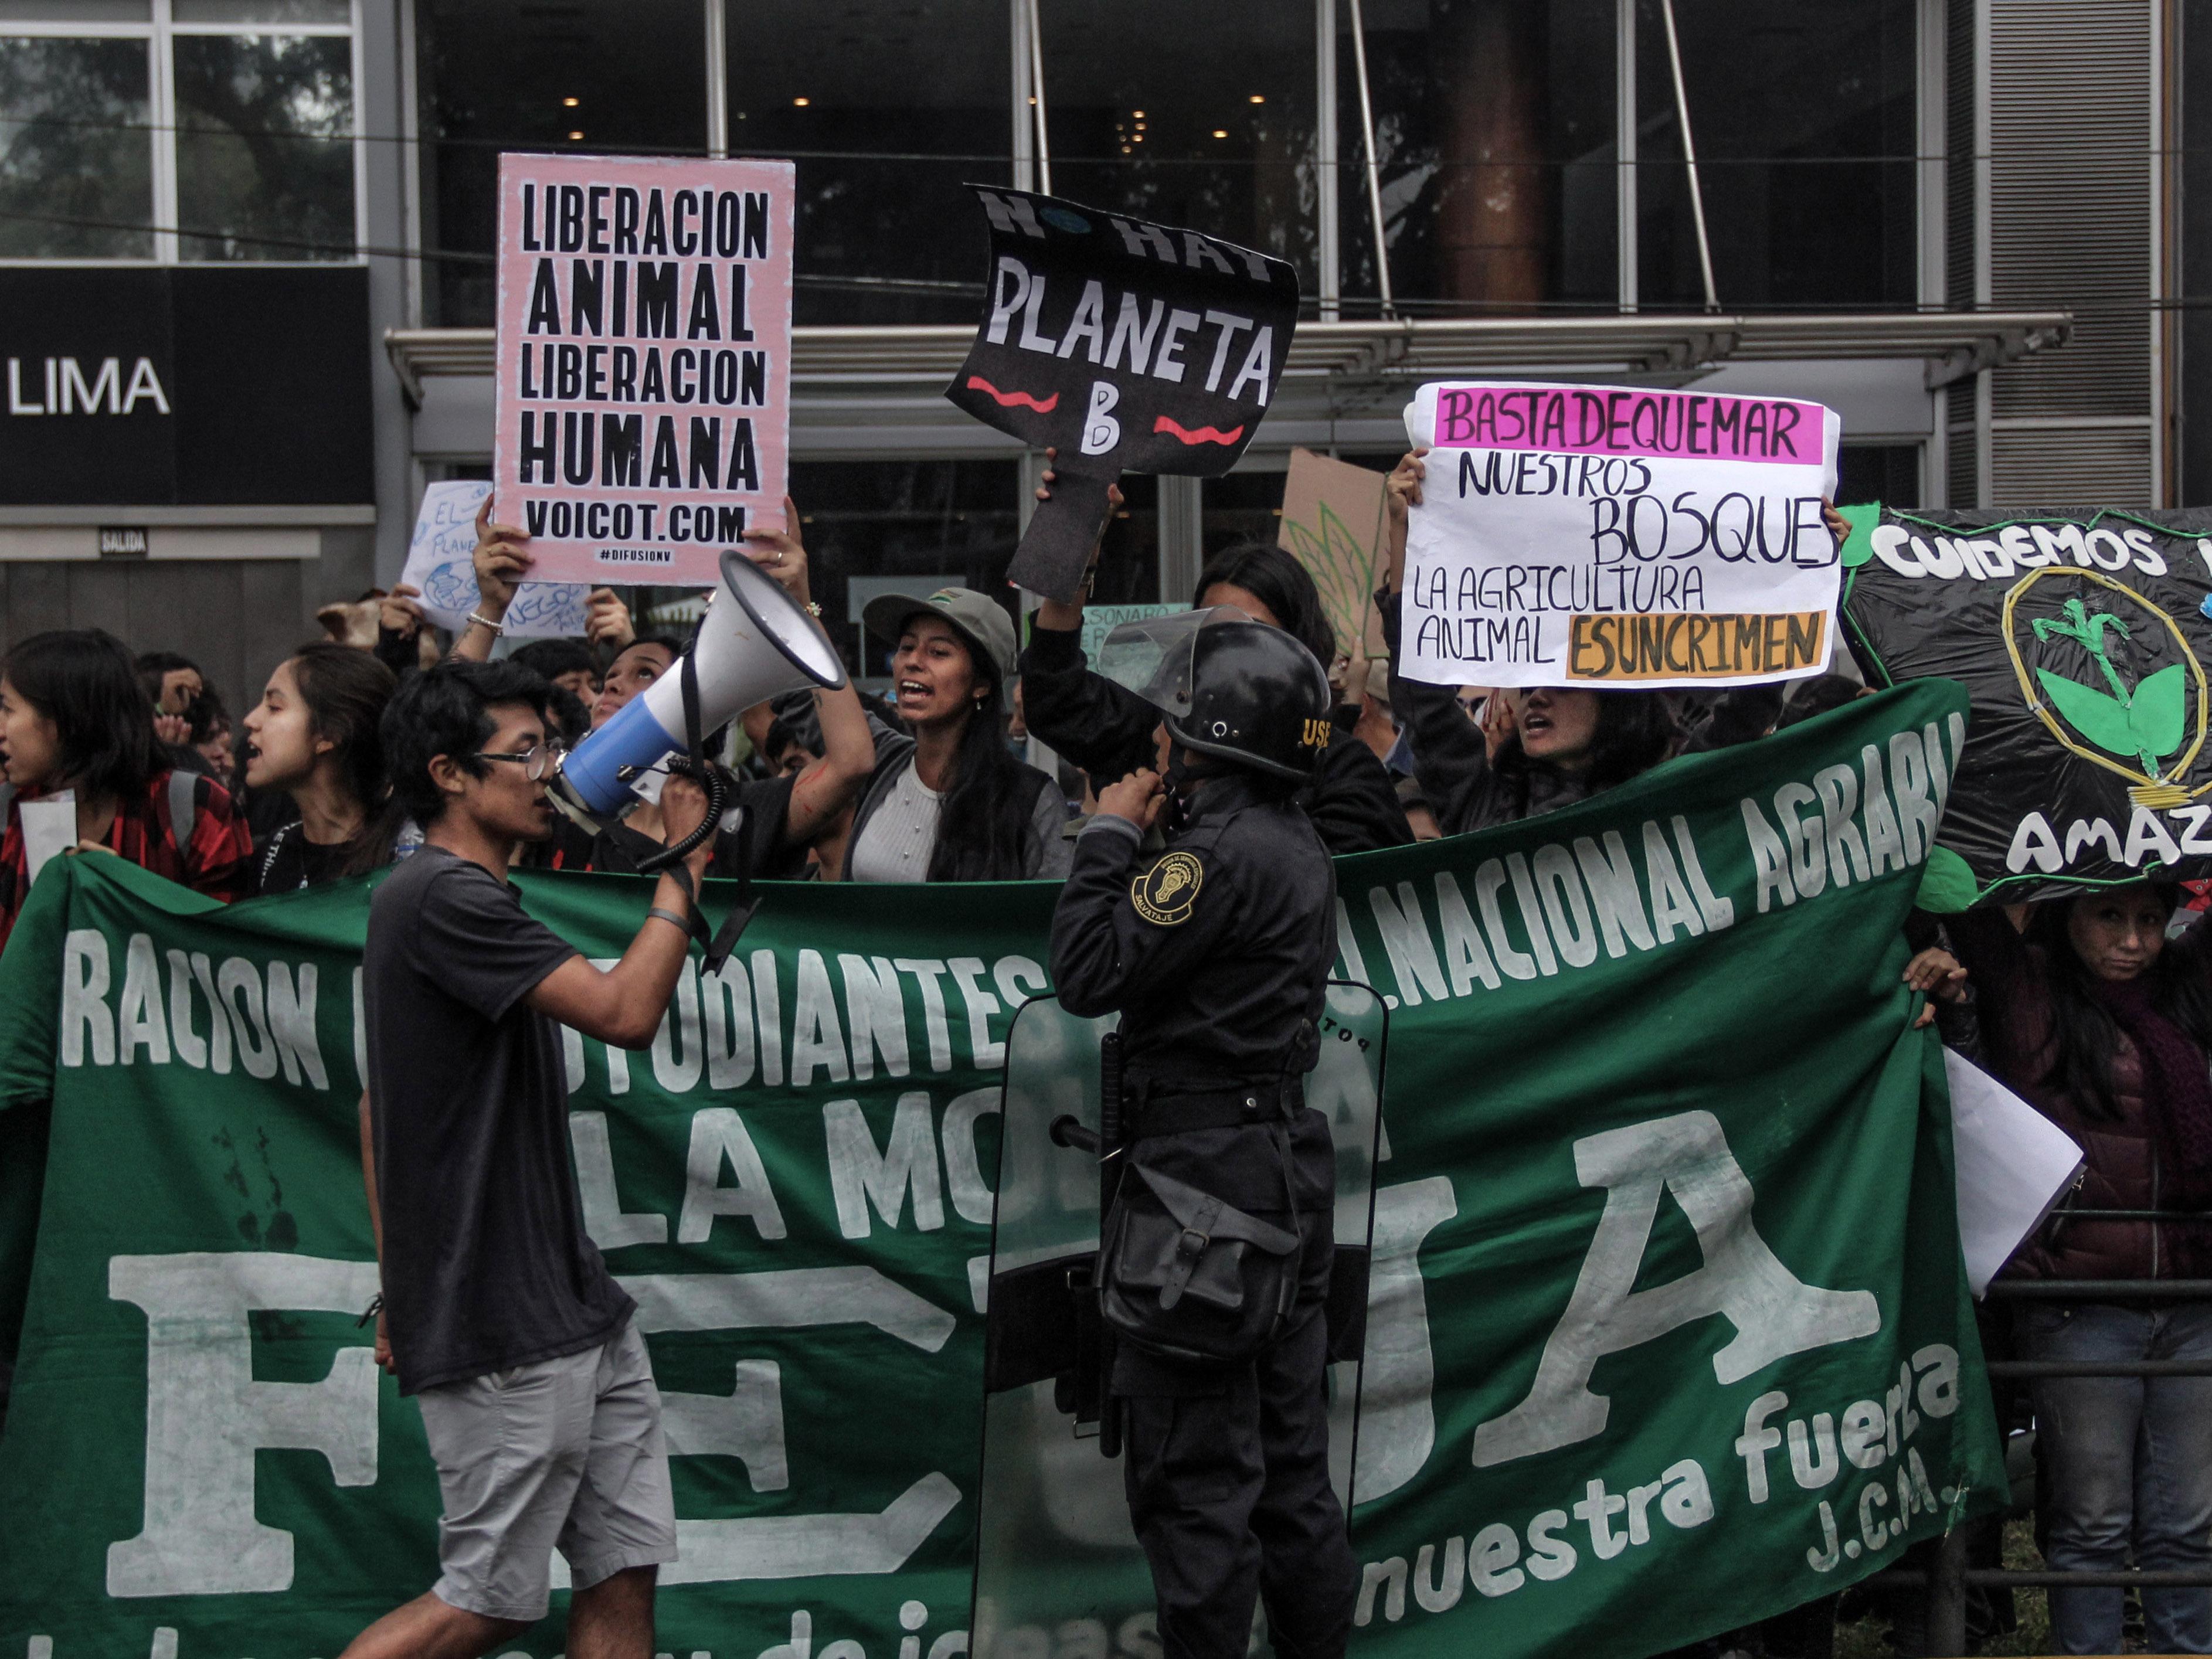 ¡No más incendios¡ Activistas organizan plantón frente a la Embajada de Australia en Lima